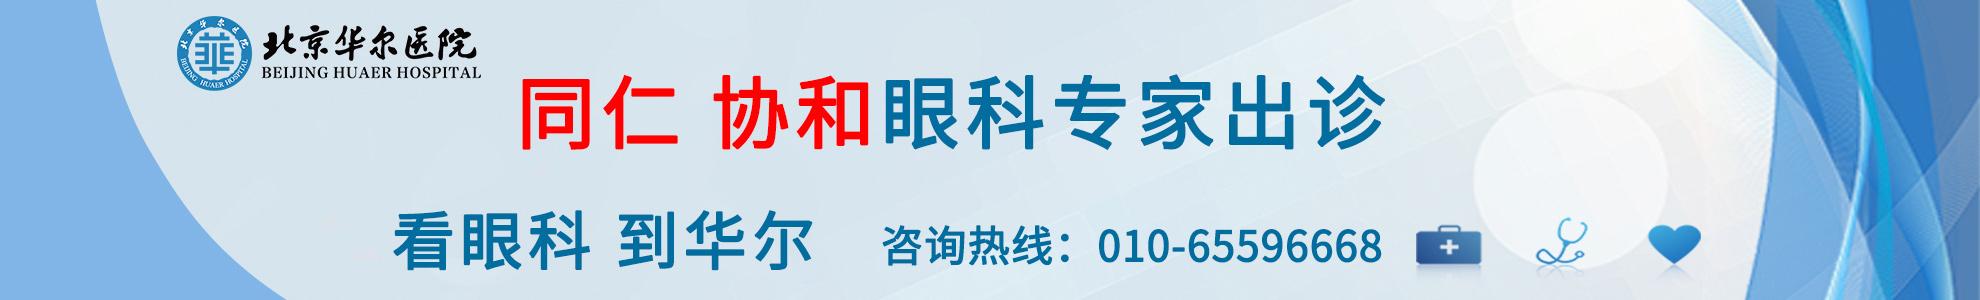 北京華爾醫院